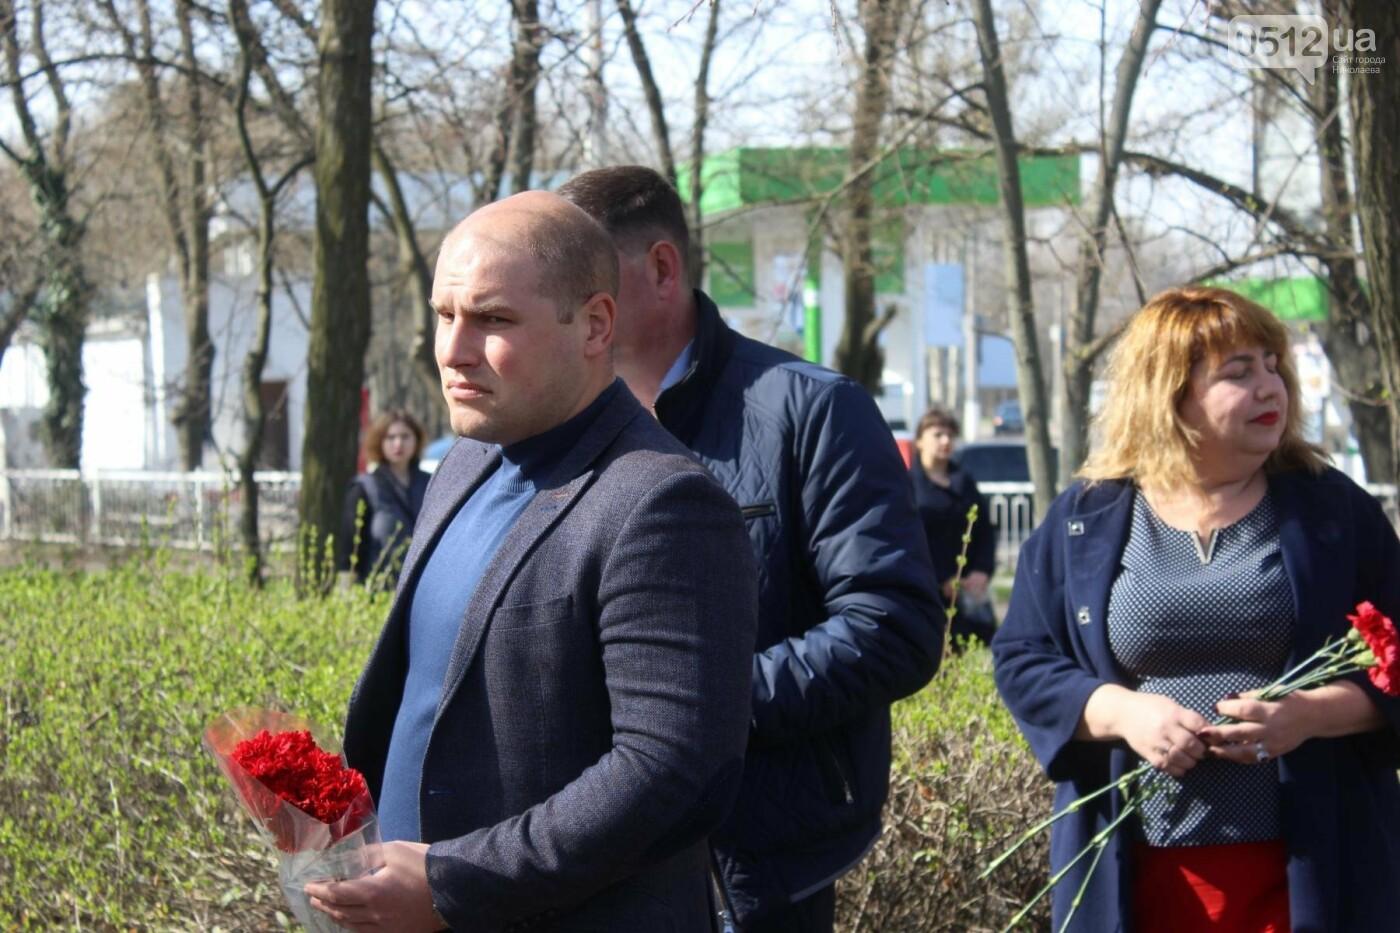 Николаевцы почтили память узников концлагерей, - ФОТО, фото-5